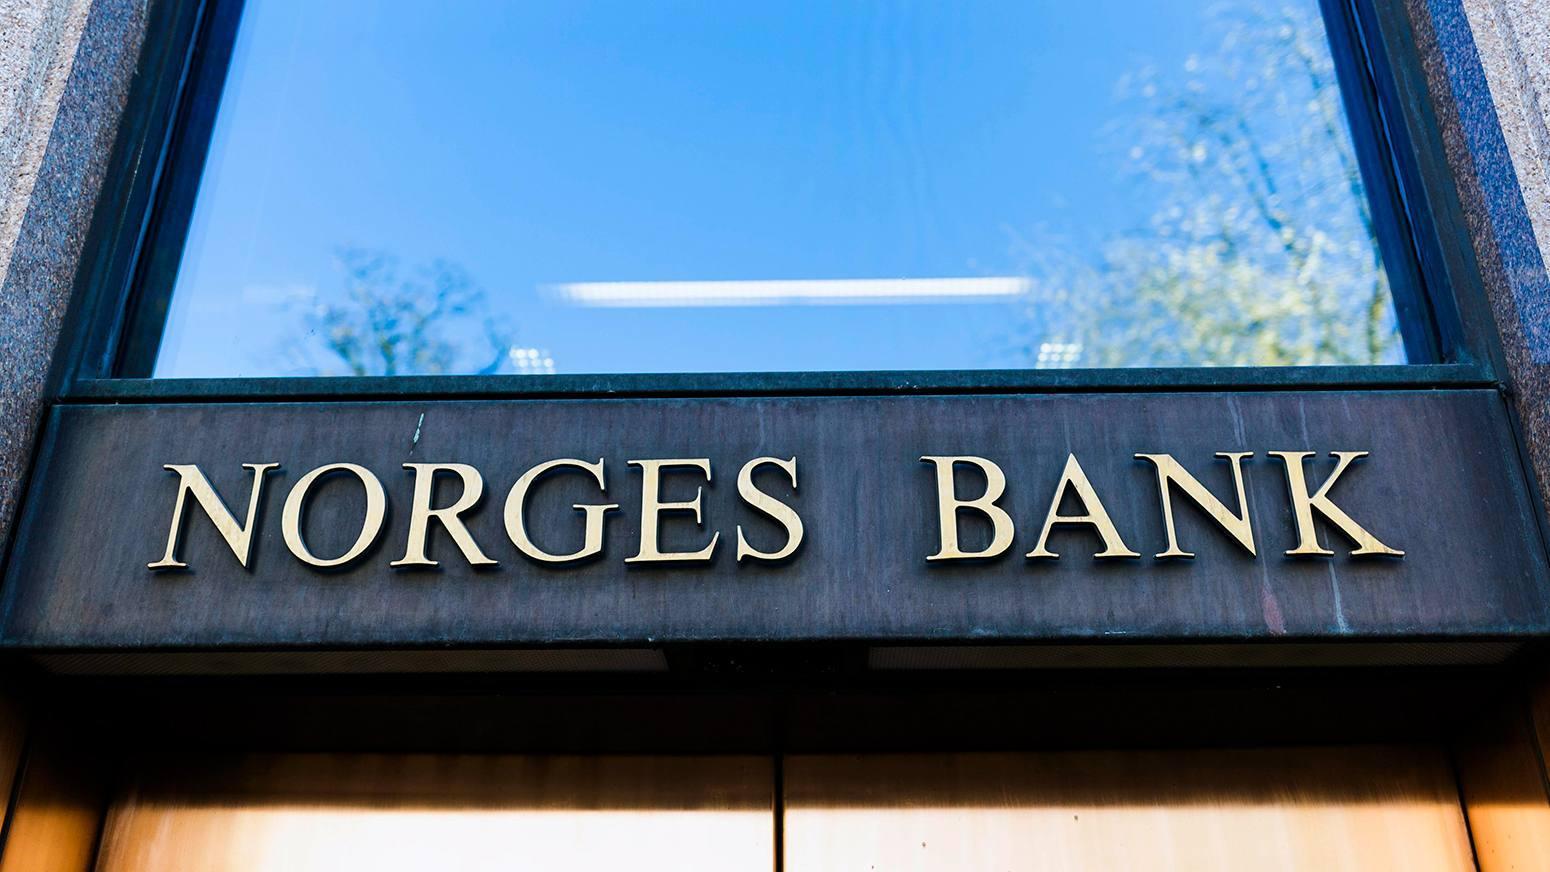 1n Банкны зээлийн хүү нь хамгийн бага дэлхийн 15 орон